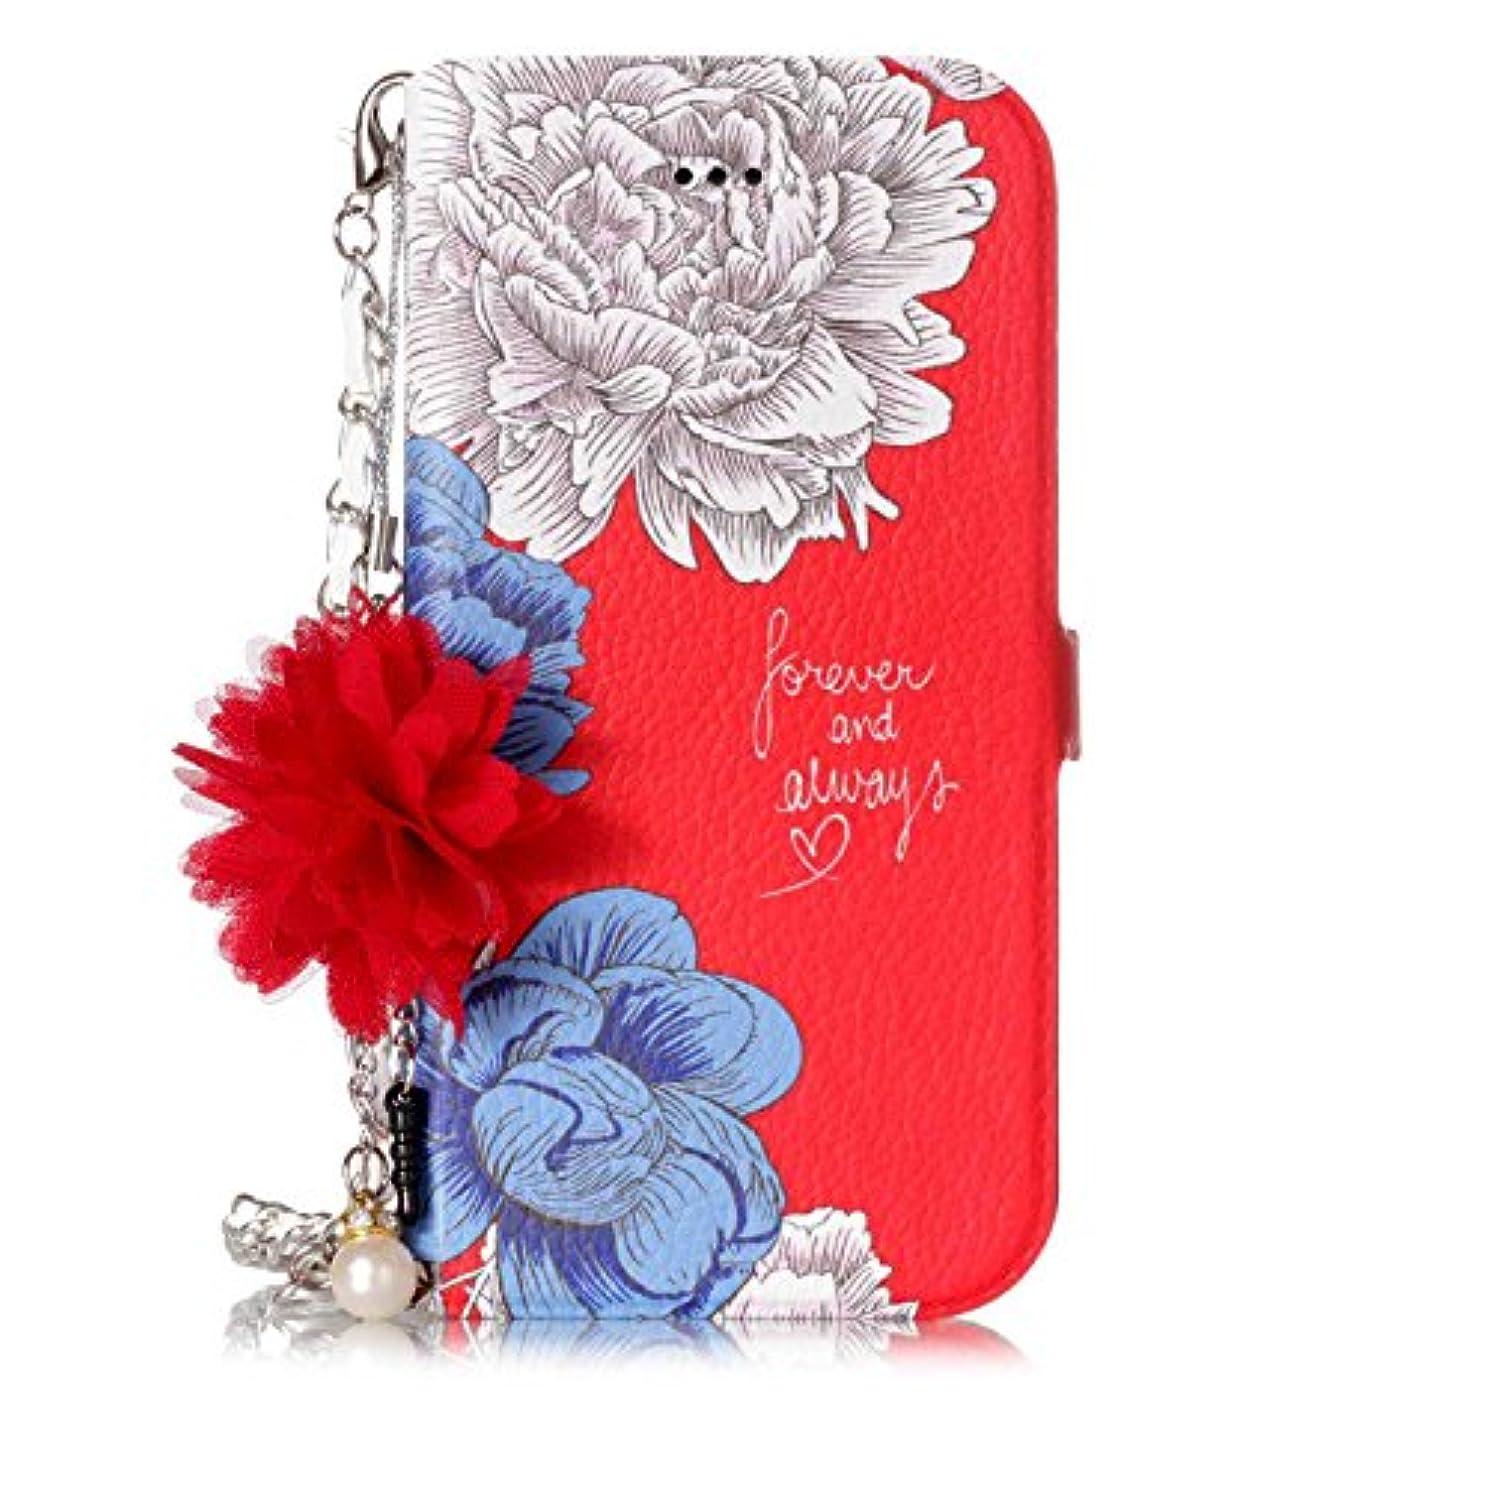 ライム微視的協力OMATENTI iPhone 7 / iPhone 8 ケース, 簡約風 軽量 PU レザー 財布型 カバー ケース, こがら 花柄 人気 かわいい レディース用 ケース ザー カード収納 スタンド 機能 マグネット,...